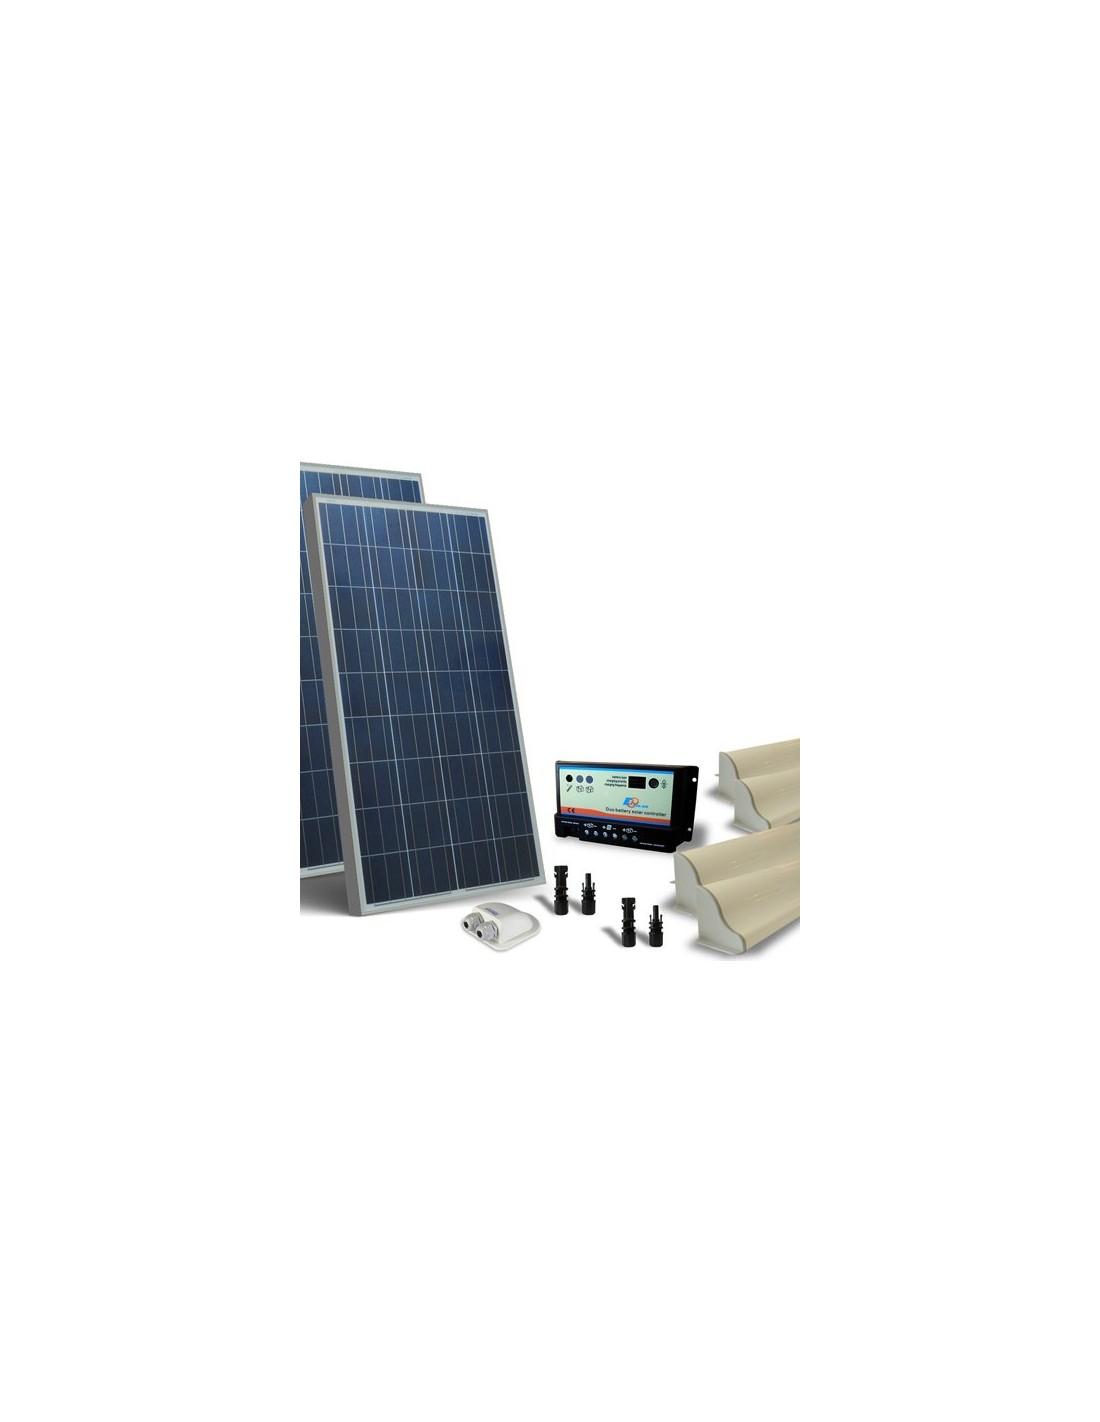 Mini Kit Pannello Solare : Kit solare camper w v base pannello fotovoltaico